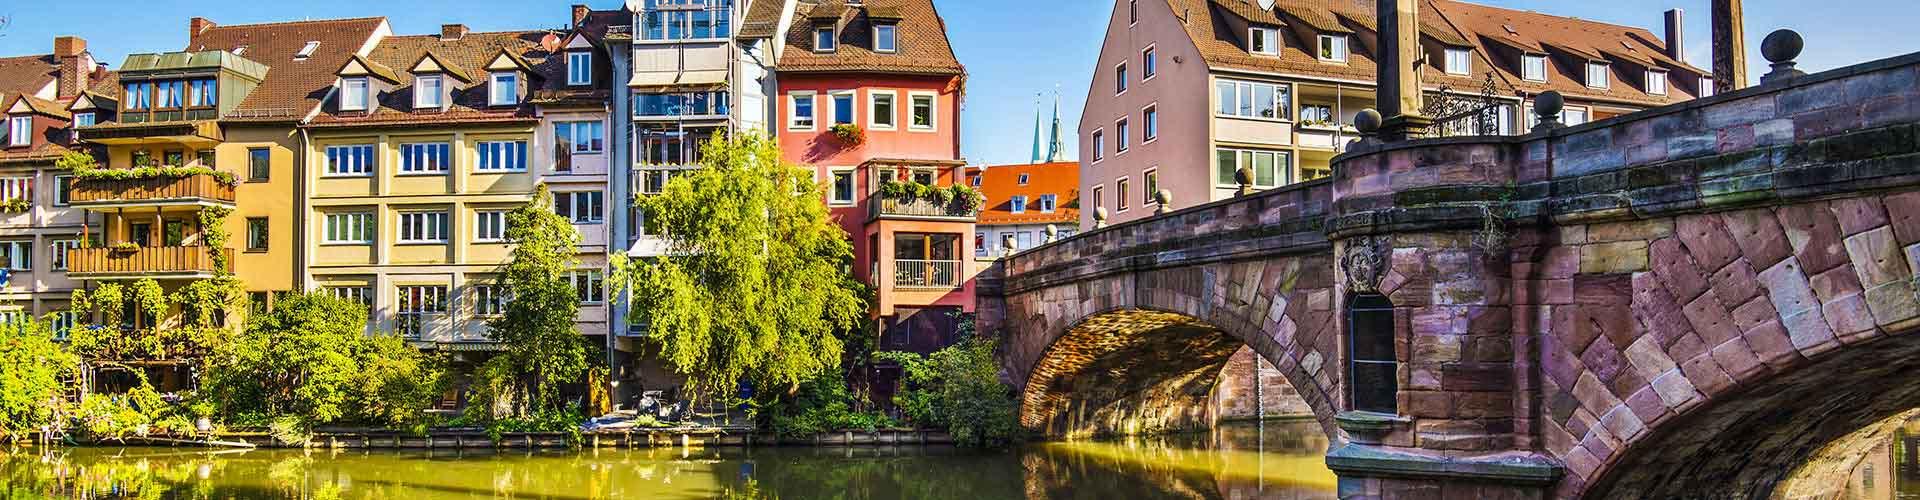 Nuremberg - Auberges de jeunesse à Nuremberg. Cartes pour Nuremberg, photos et commentaires pour chaque auberge de jeunesse à Nuremberg.